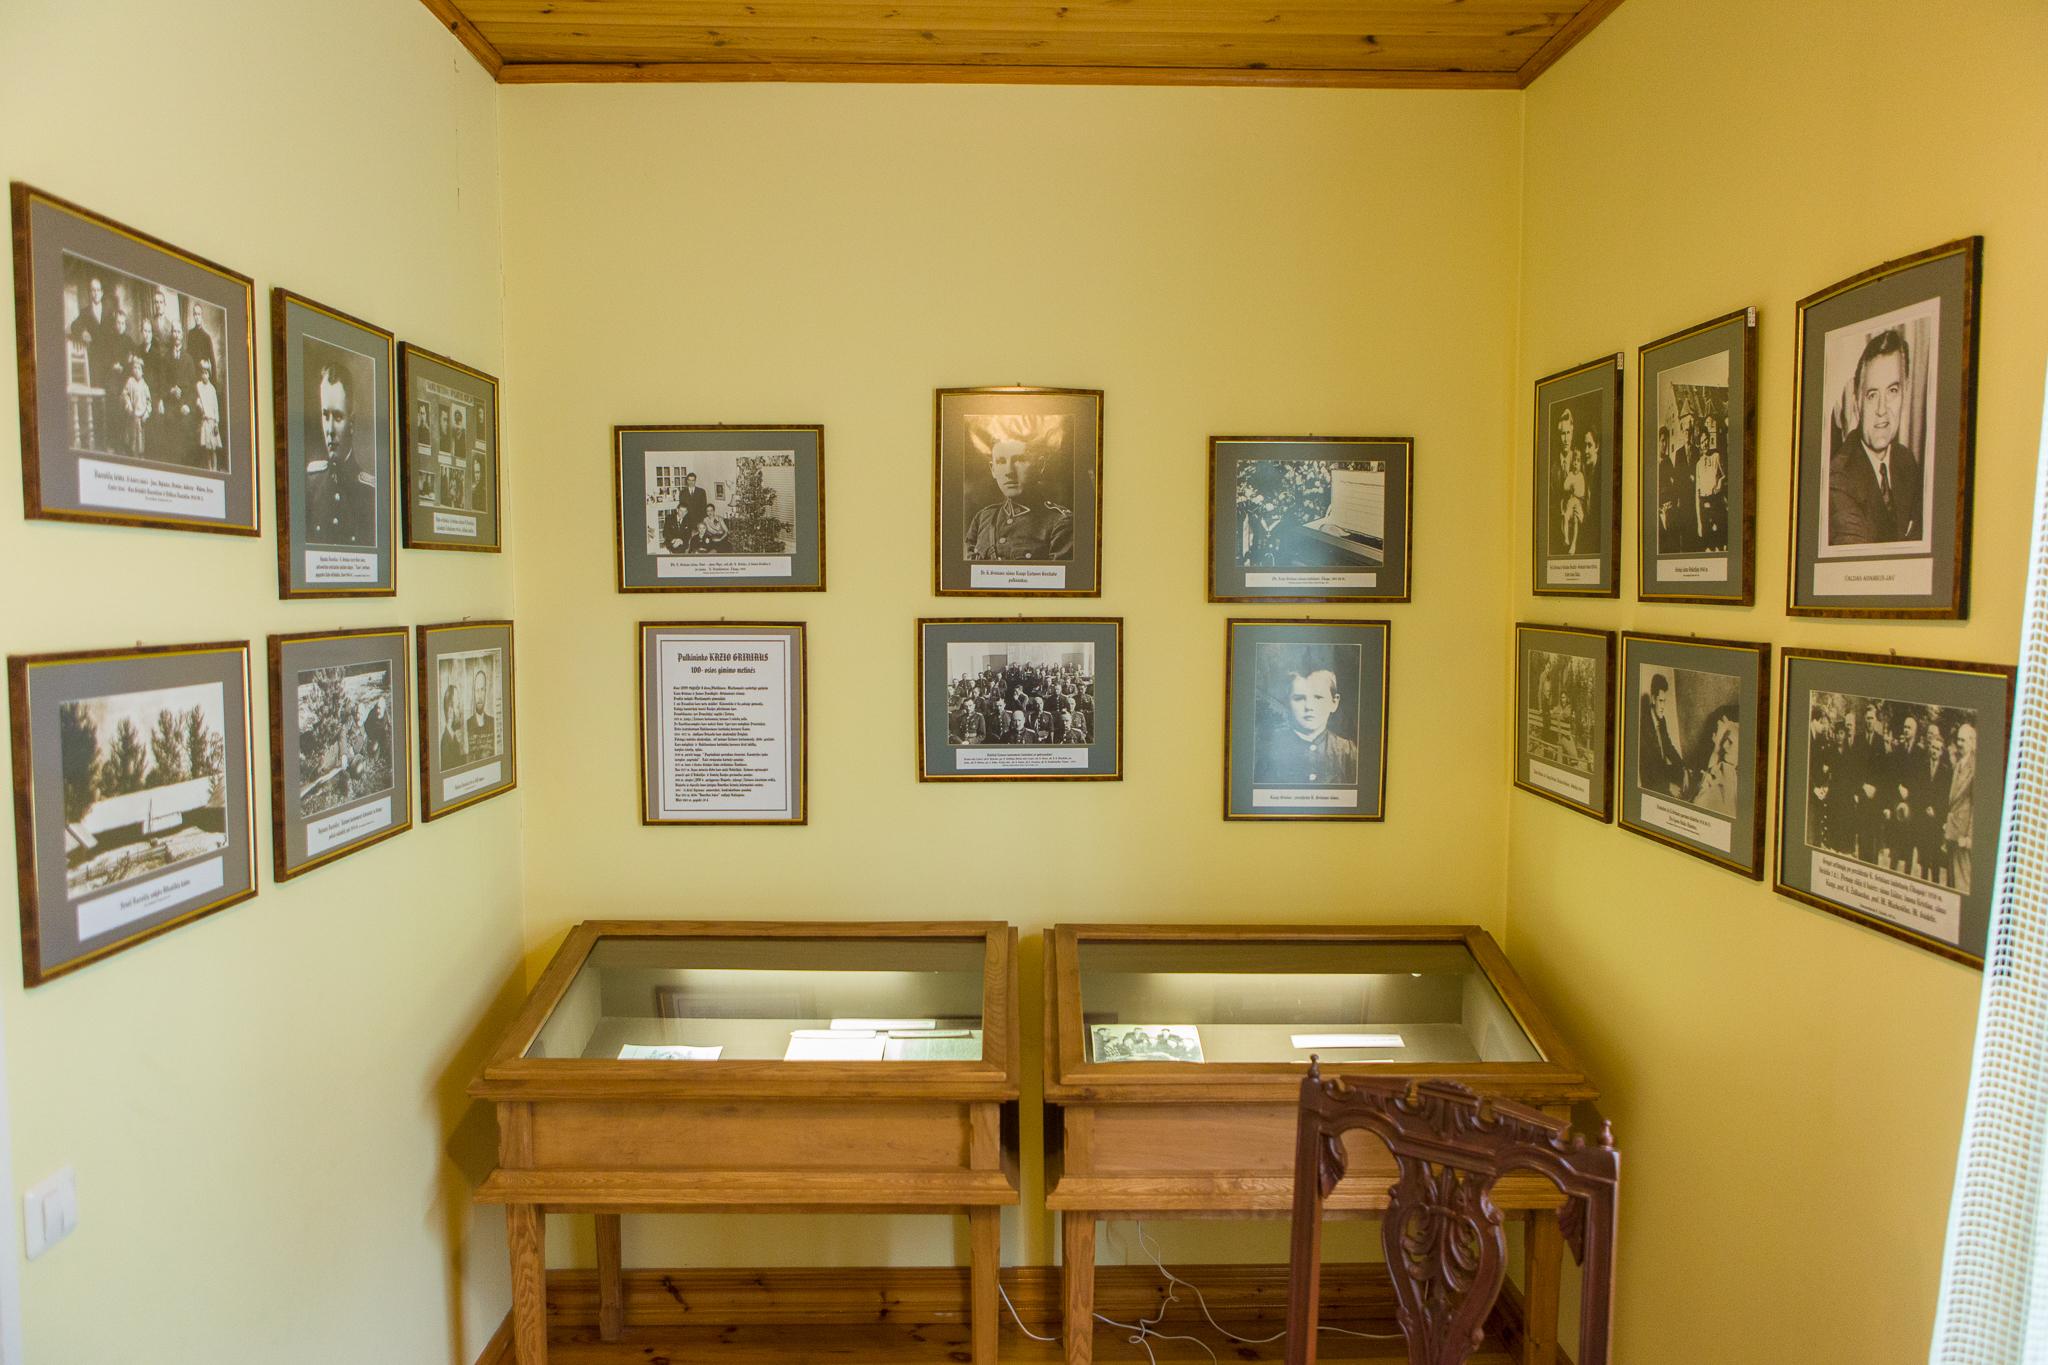 K.-Griniaus-memorialinis-muziejus_Eduardas-Bareika-5